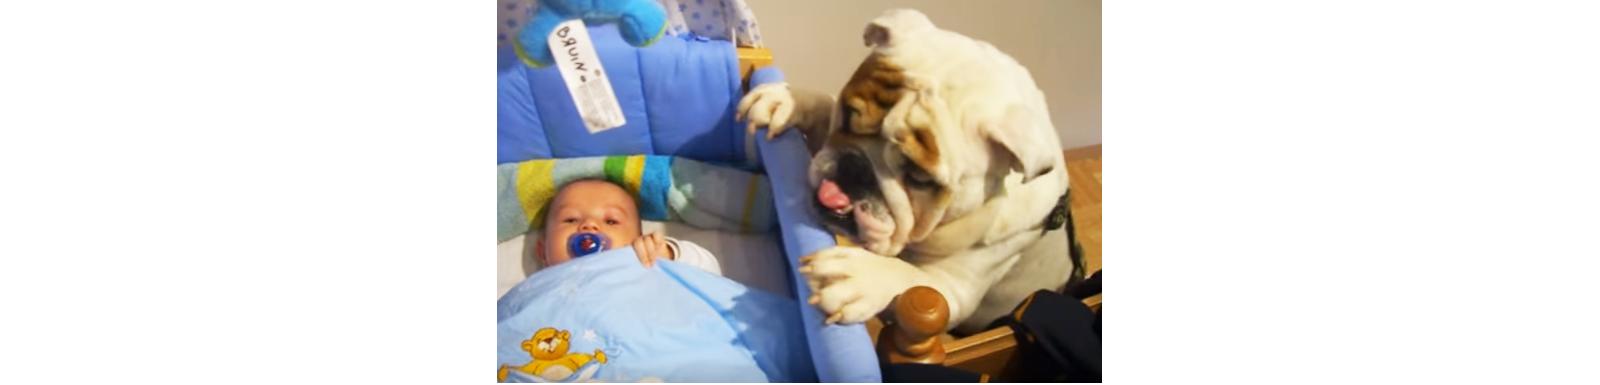 『赤ちゃんの傍に近づきたい!』必死に考えたワンコのとった行動が… 可愛すぎてキュン♡